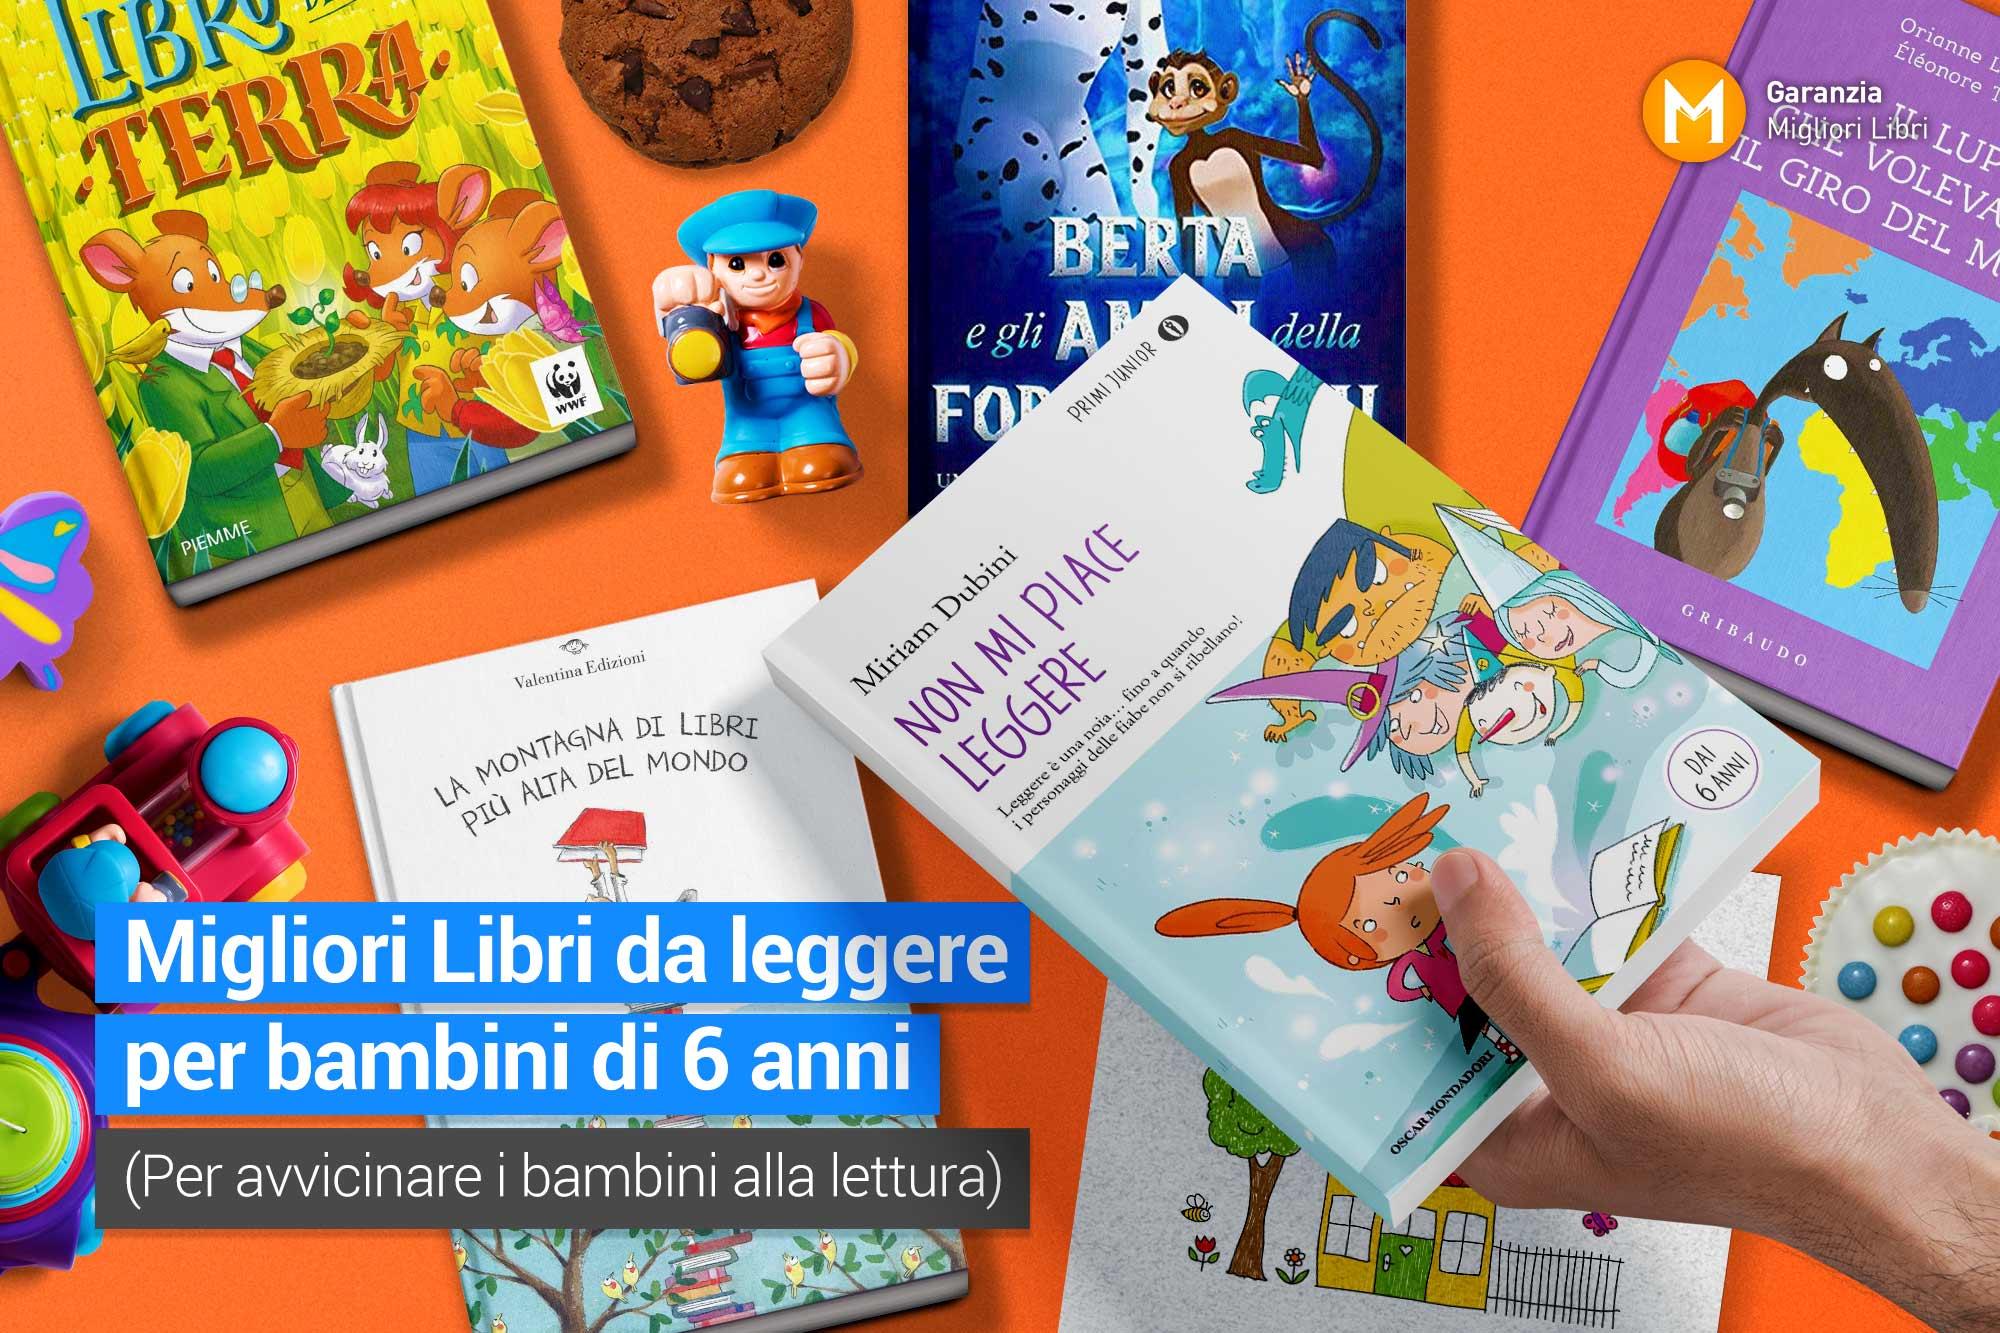 migliori-libri-da-leggere-per-bambini-di-6-anni